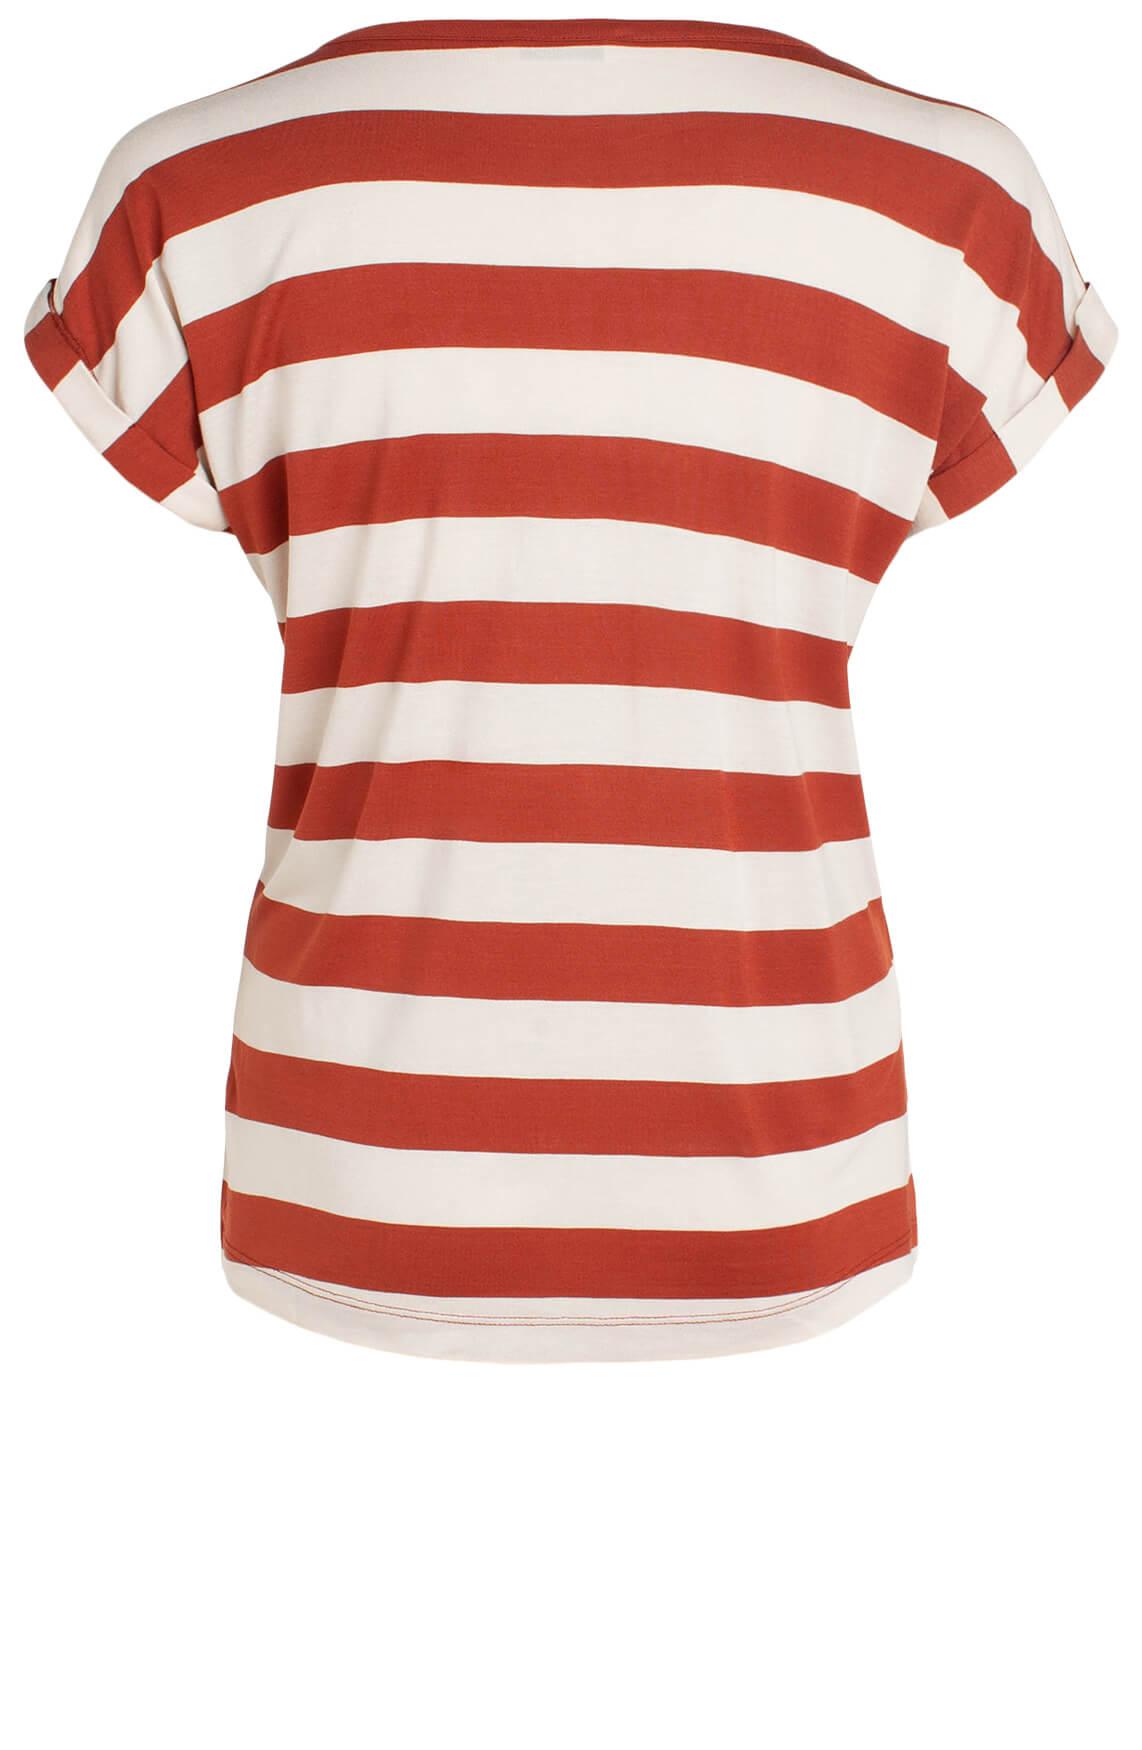 Anna Dames Gestreept shirt Rood